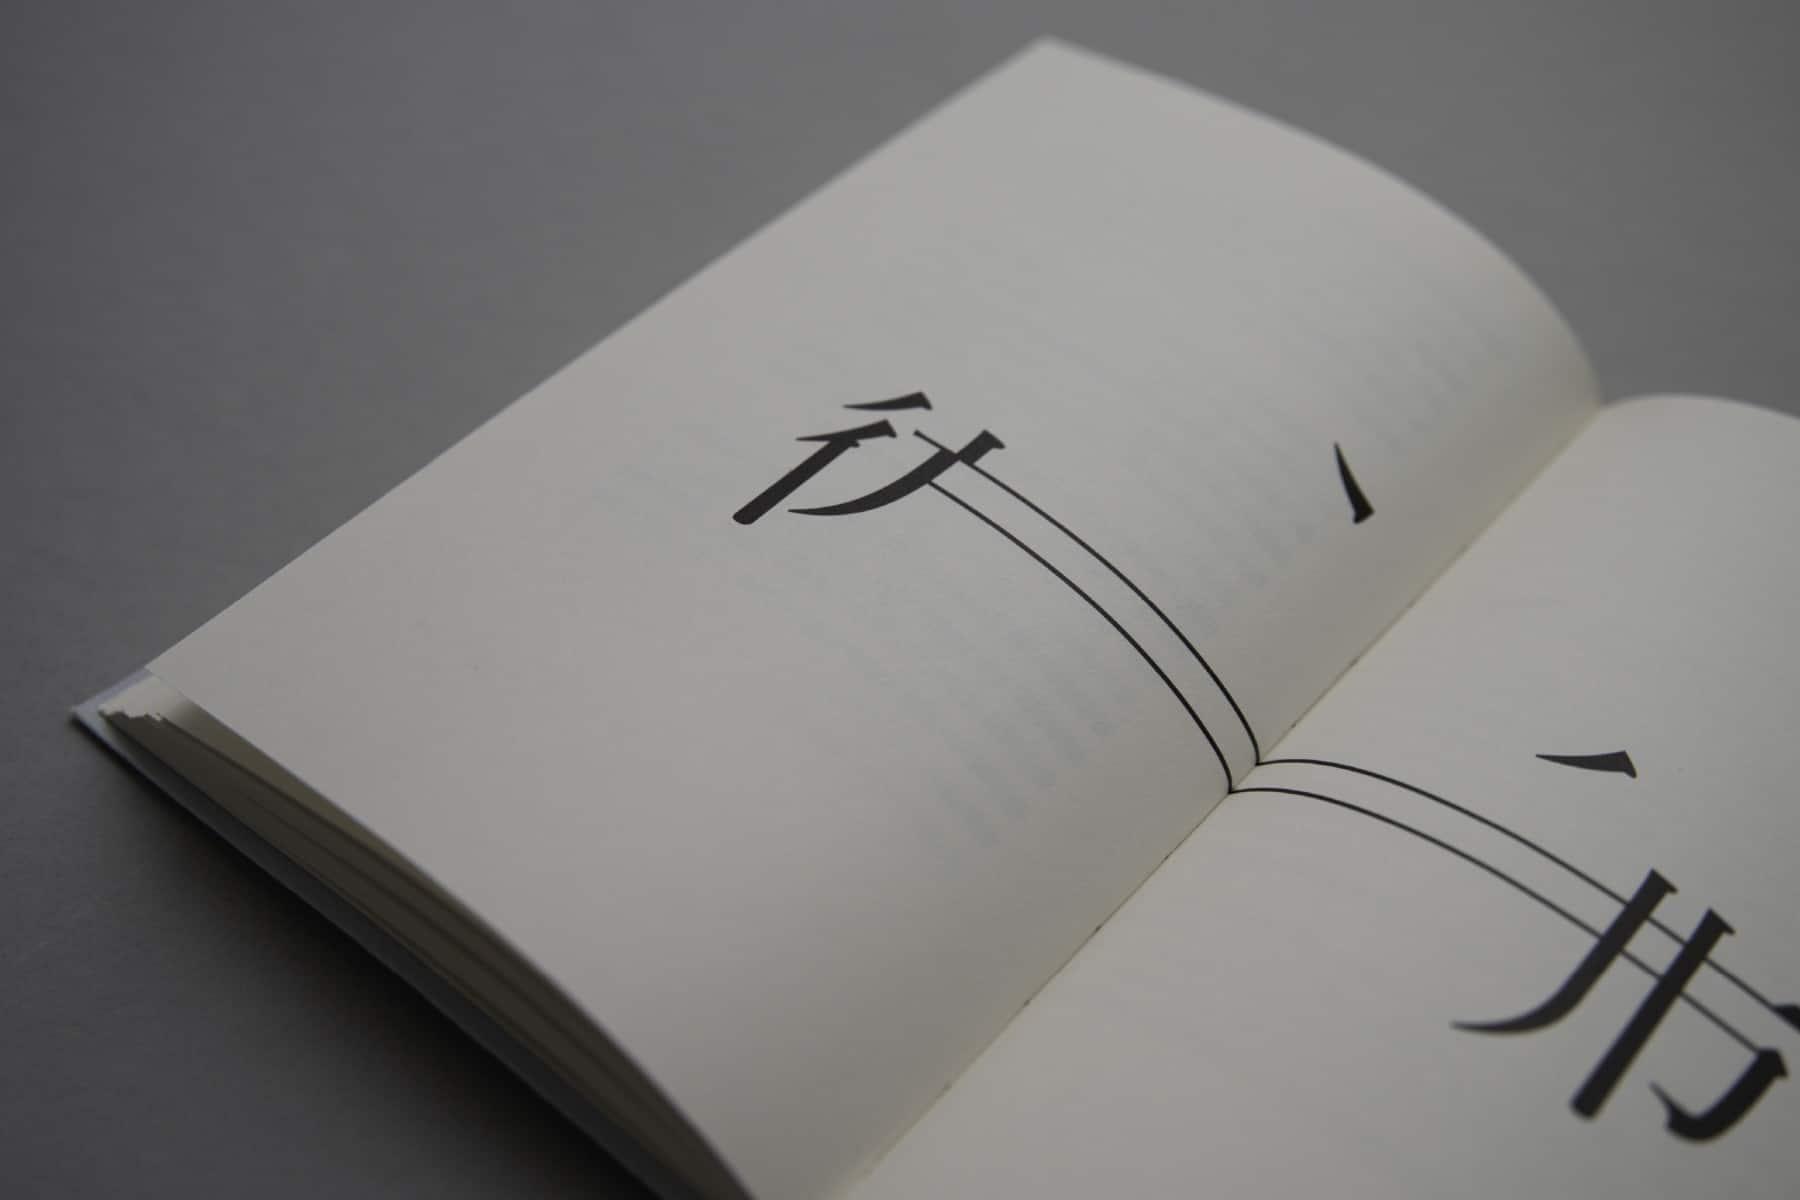 視覺文本創作 X 米哈 @ 讓希望催促自己趕路 99個故事 99種生活態度